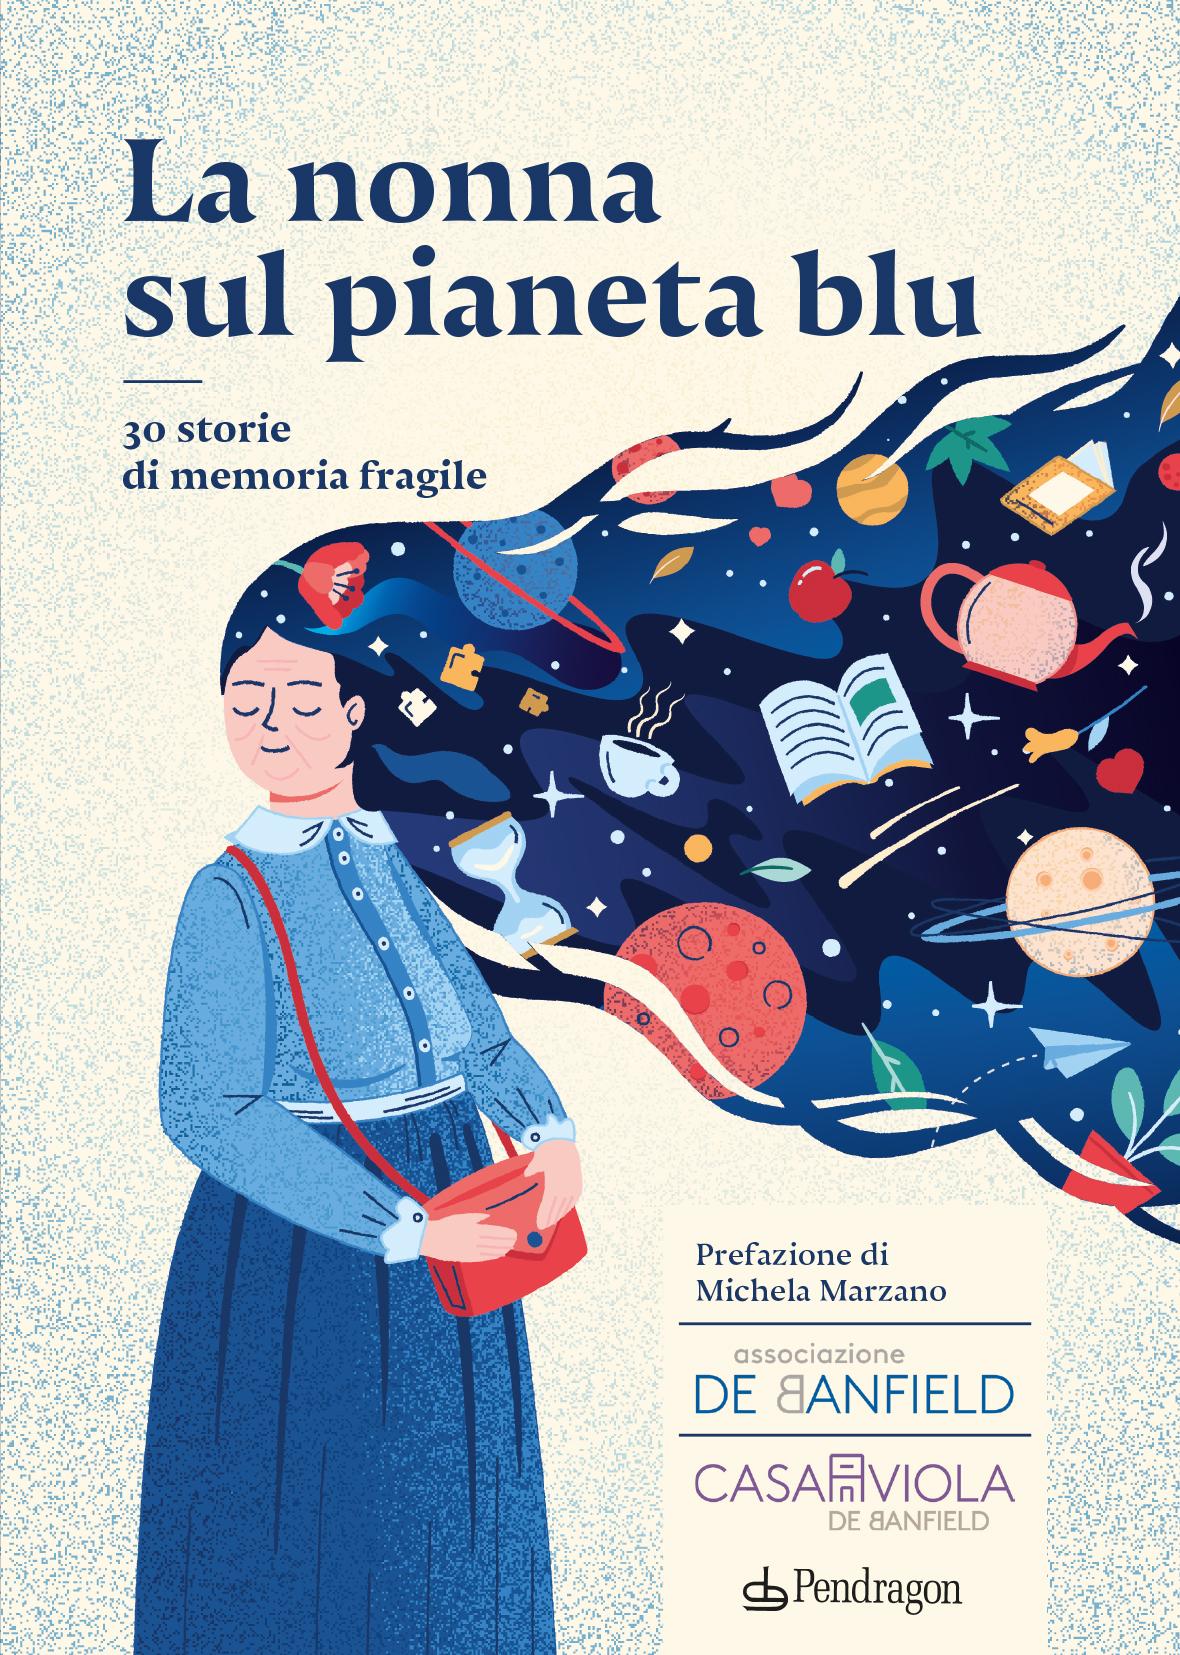 La nonna sul pianeta blu